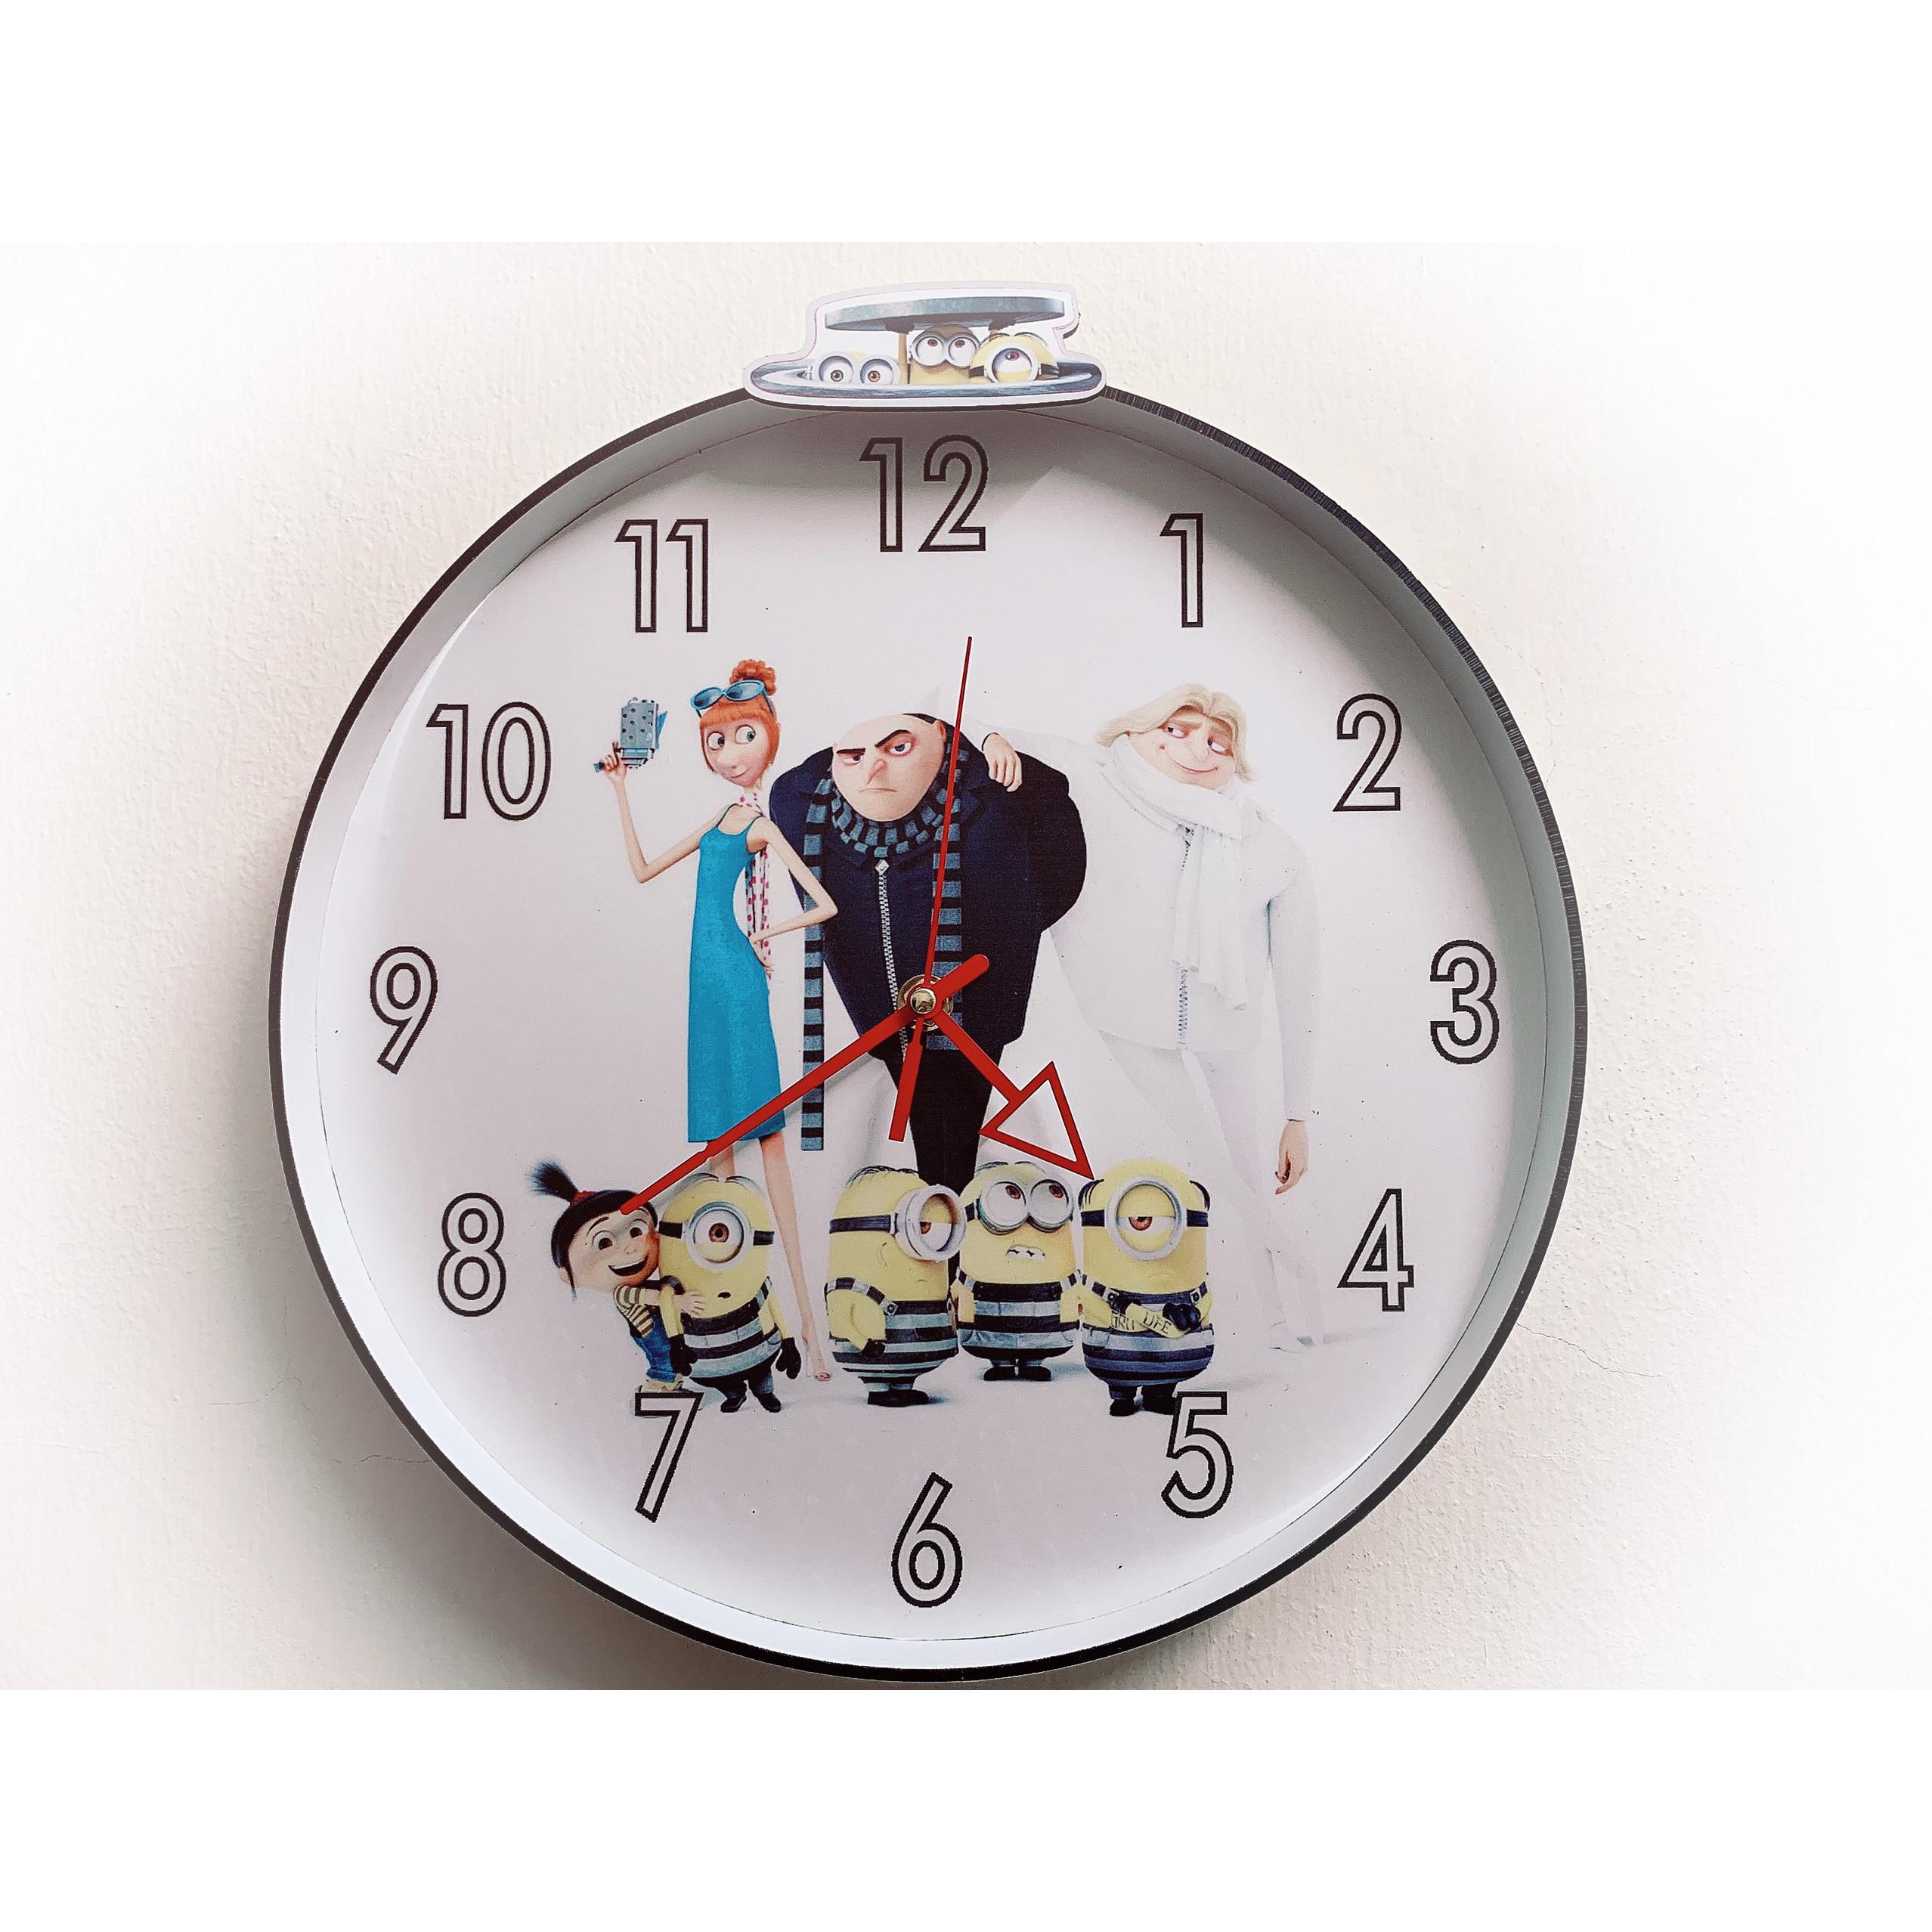 Đồng hồ treo tường độc đáo MINION 001, kim trôi, không gây tiếng ồn, sản xuất thủ công